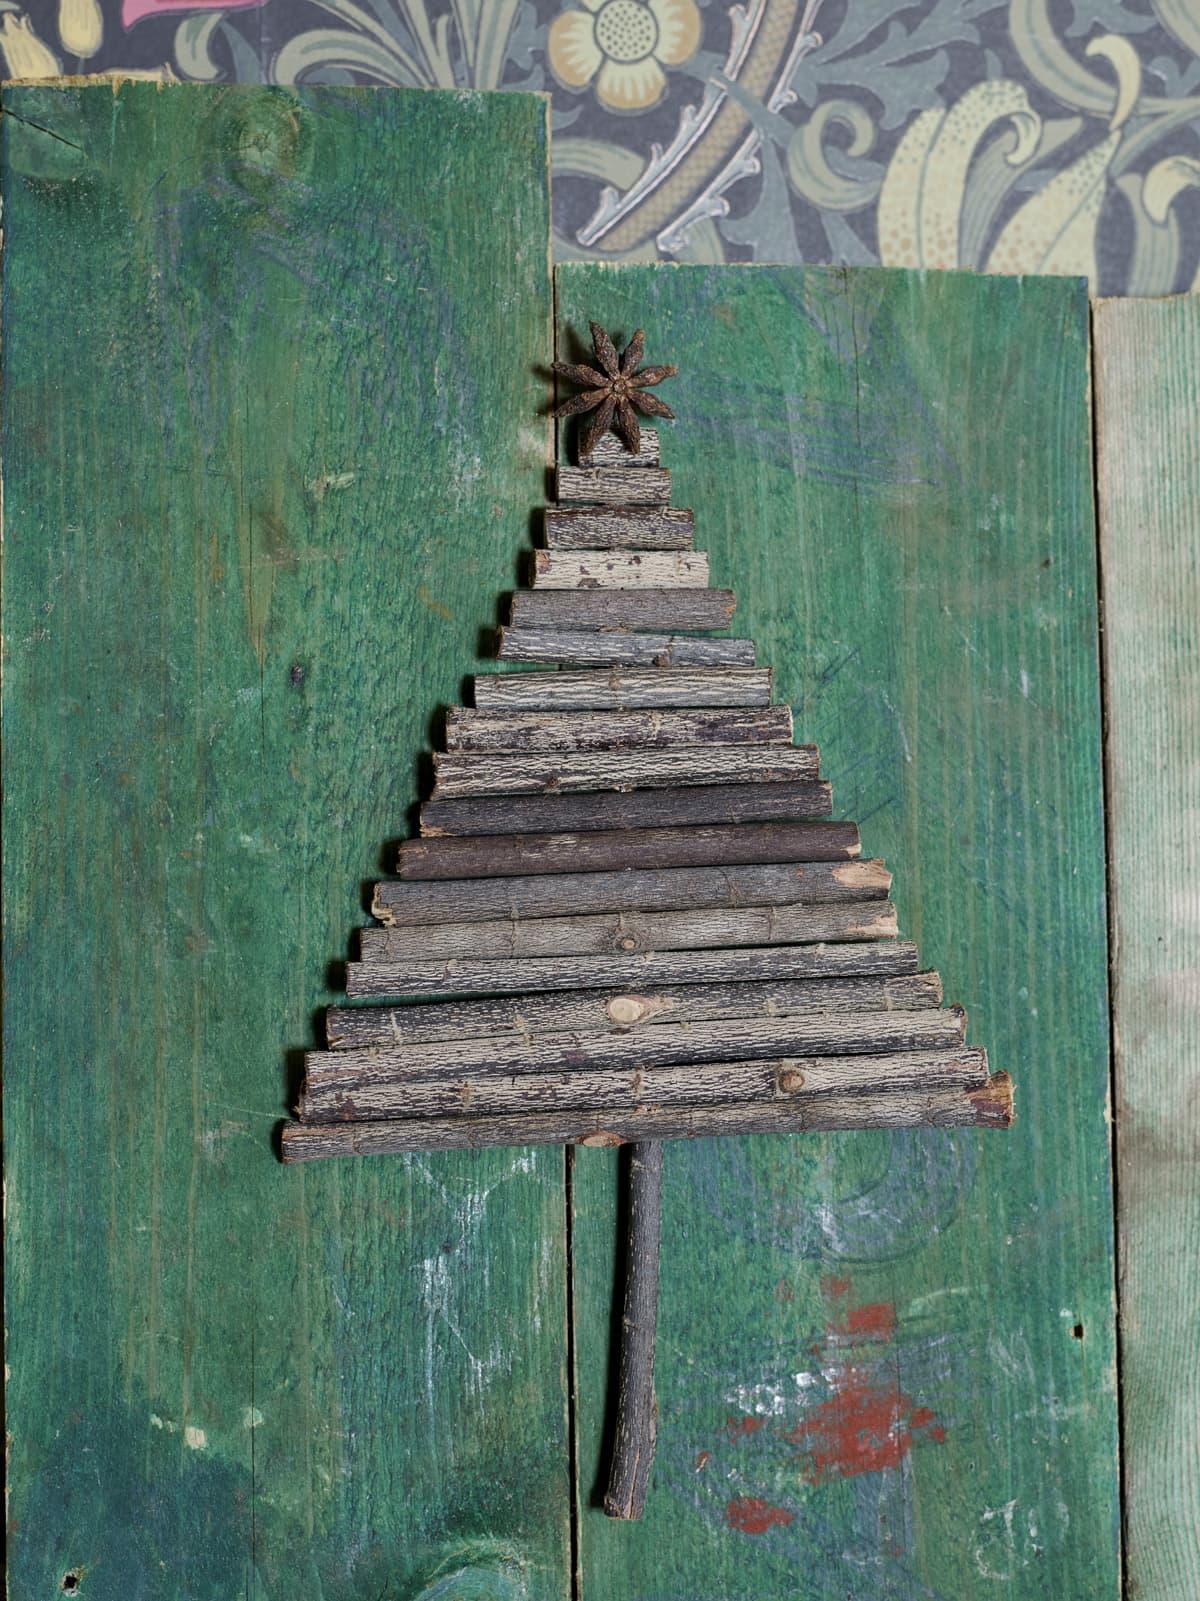 Såga till din egna lilla minigran av pinnar och på toppen en anis som stjärna.